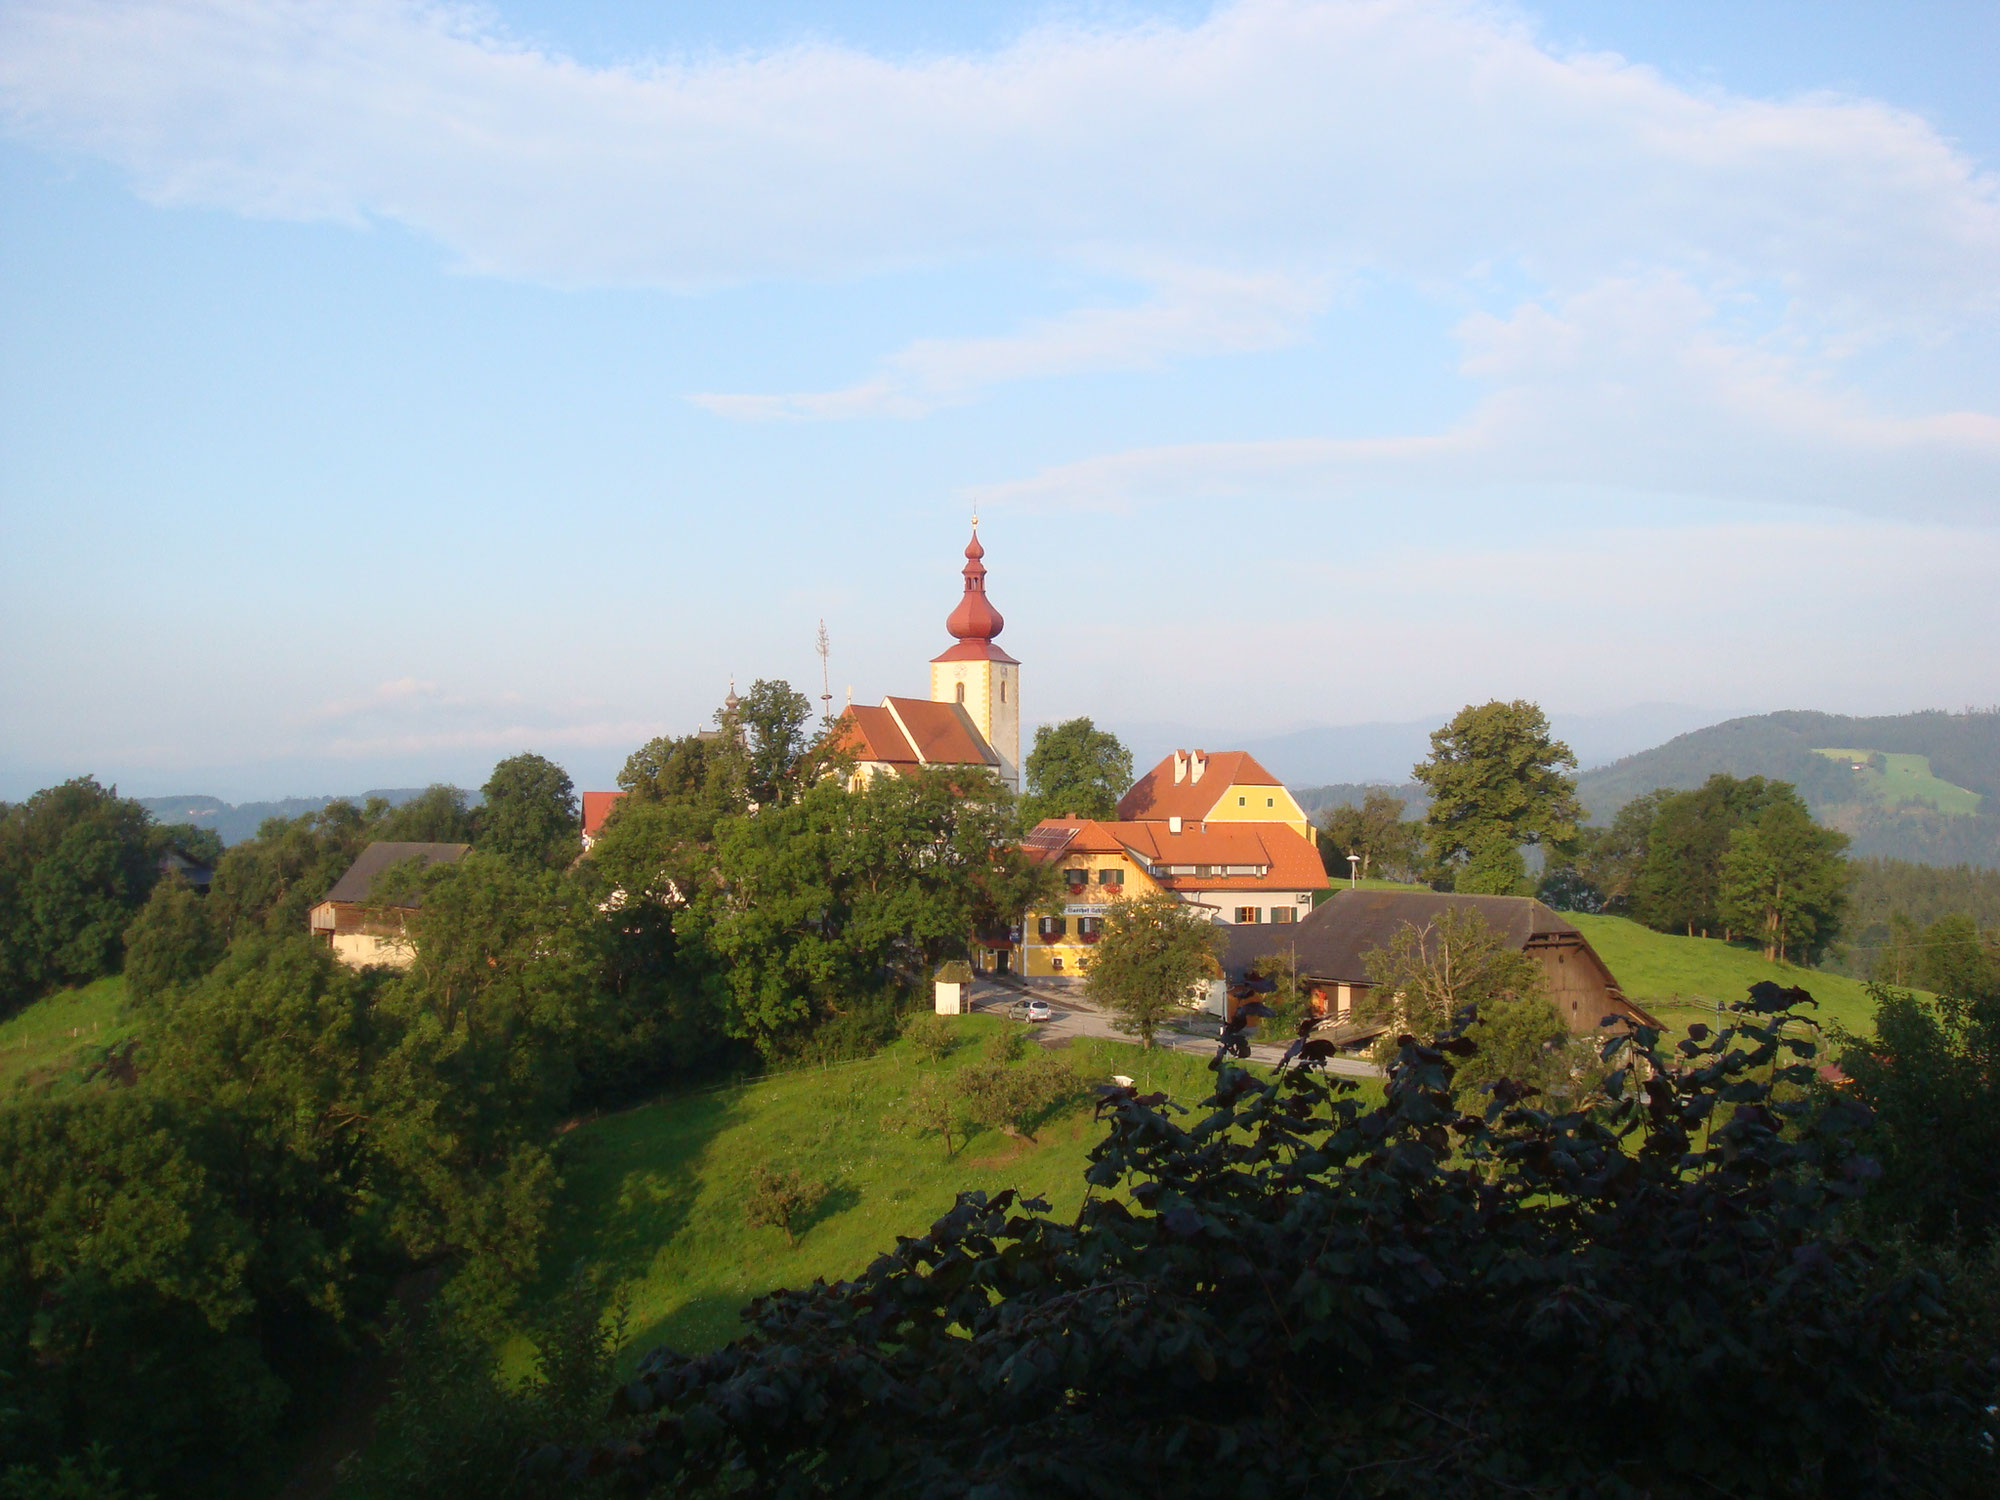 1 Etappe Weststeirischer Jakobsweg Thal Bei Graz St Pankrazen